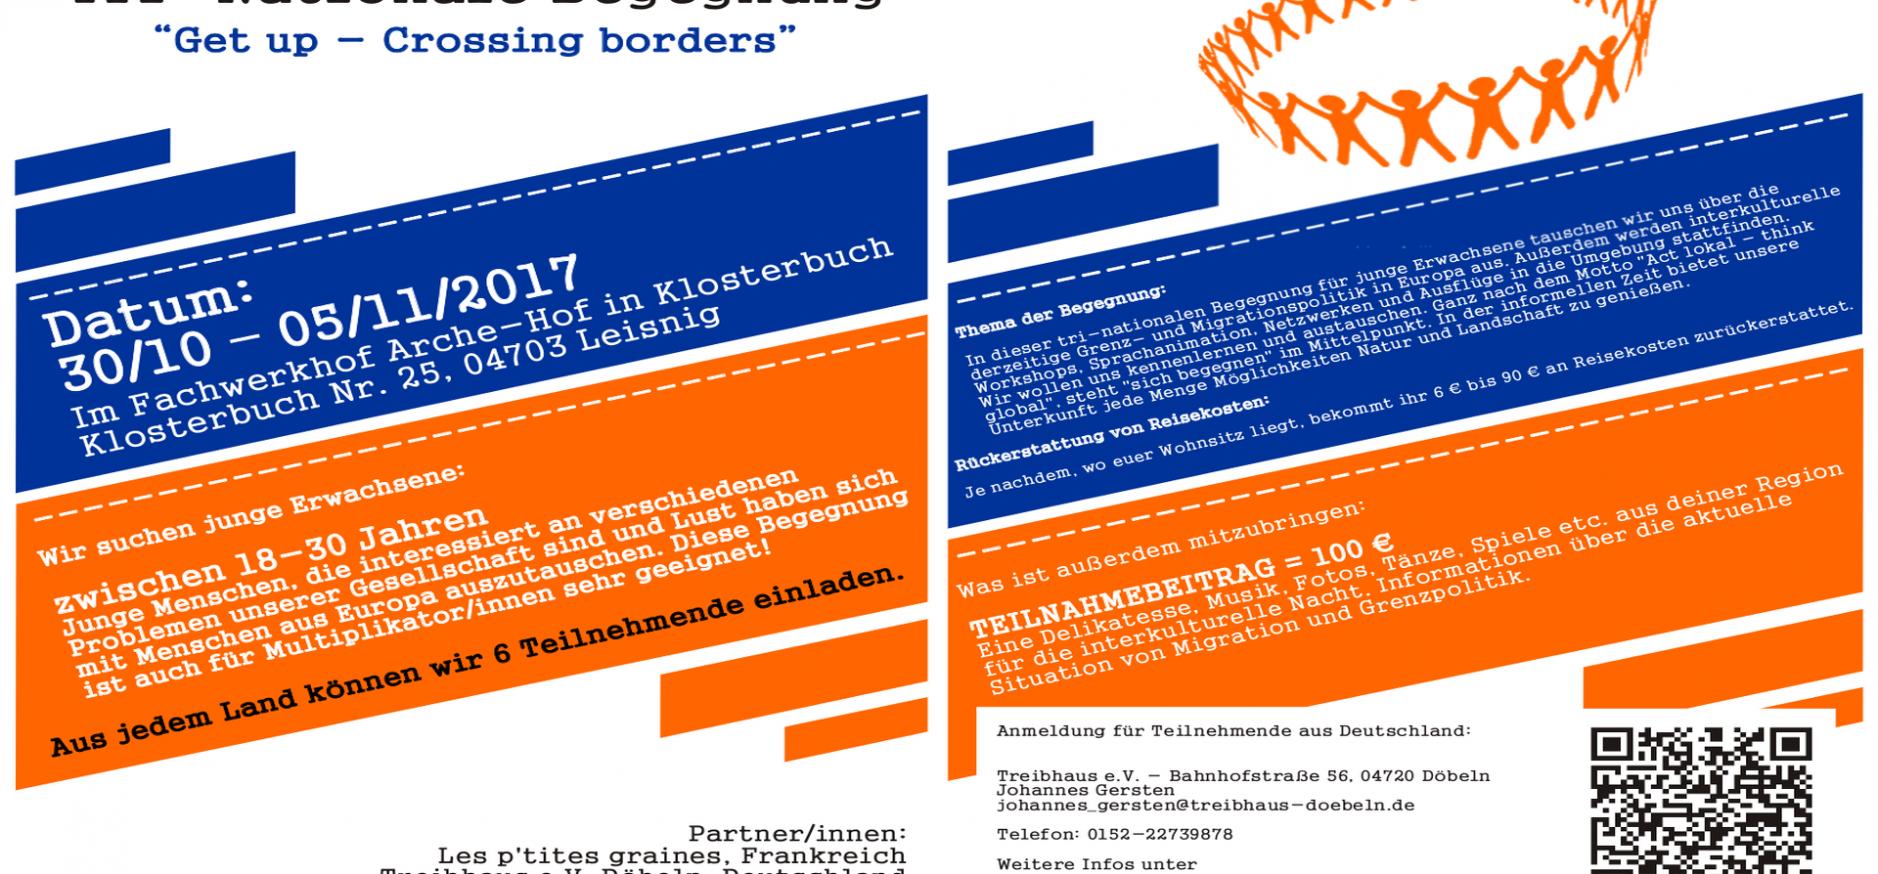 Treibhaus e.V. bietet weitere internationale Begegnung an